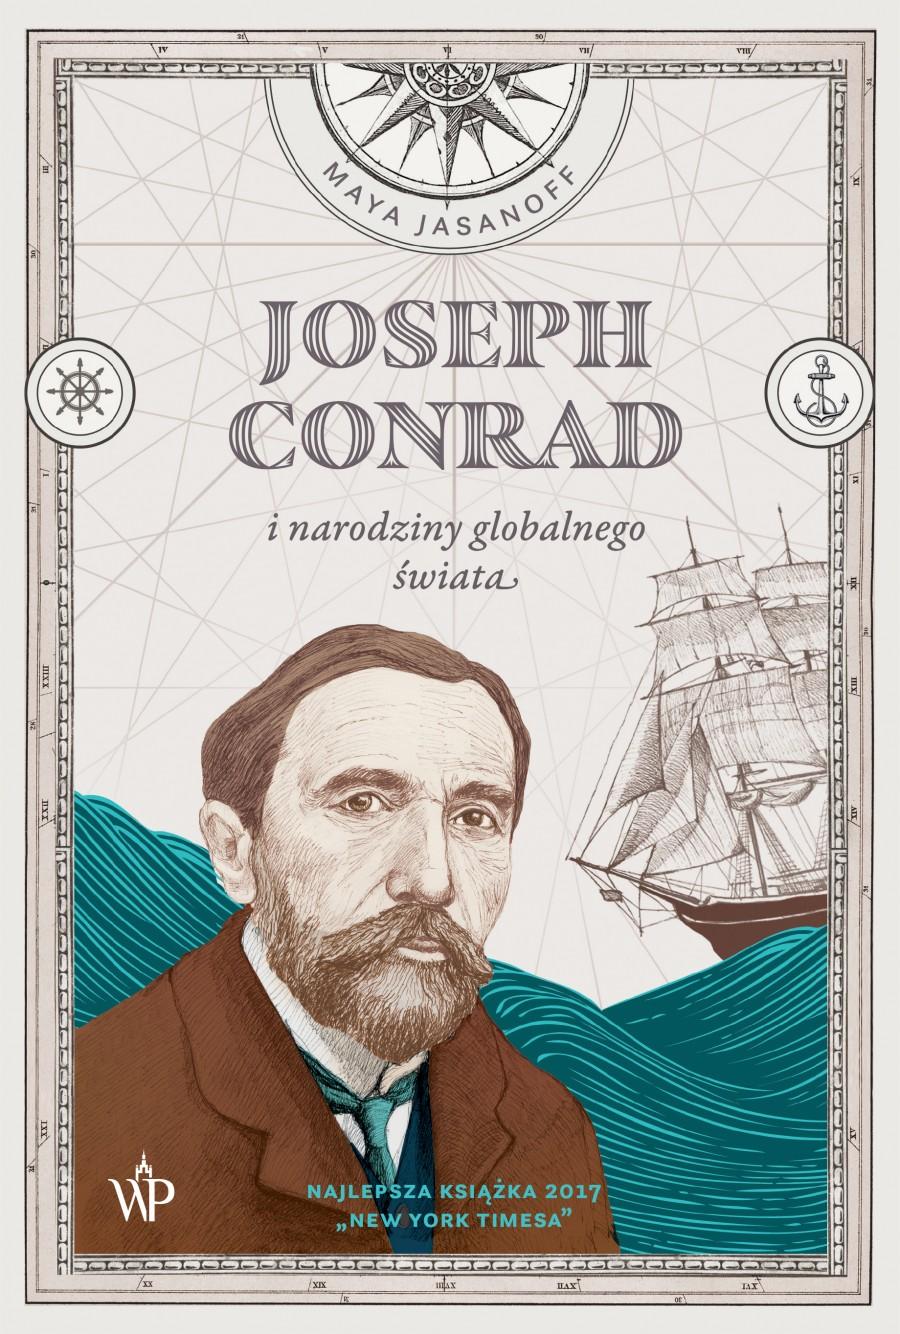 josephconrad_biografia